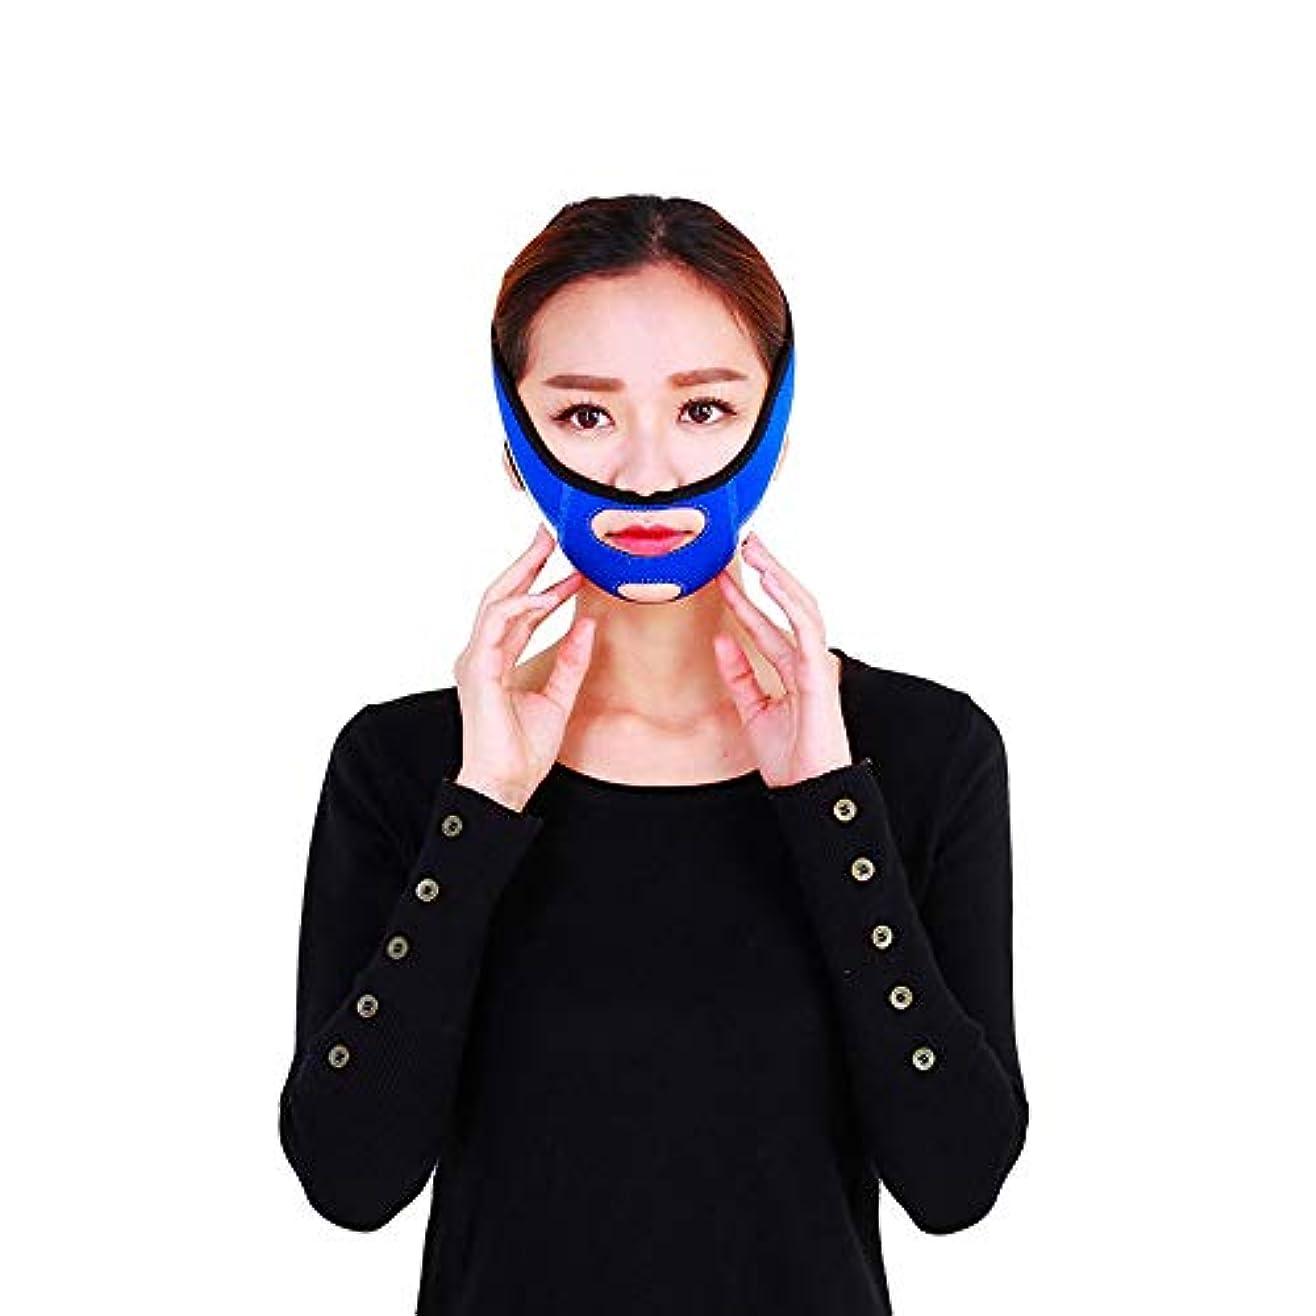 チーム夜明けに繁栄GYZ フェイシャルリフティング痩身ベルトフェーススリム二重あごを取り除くアンチエイジングリンクルフェイス包帯マスク整形マスクが顔を引き締める Thin Face Belt